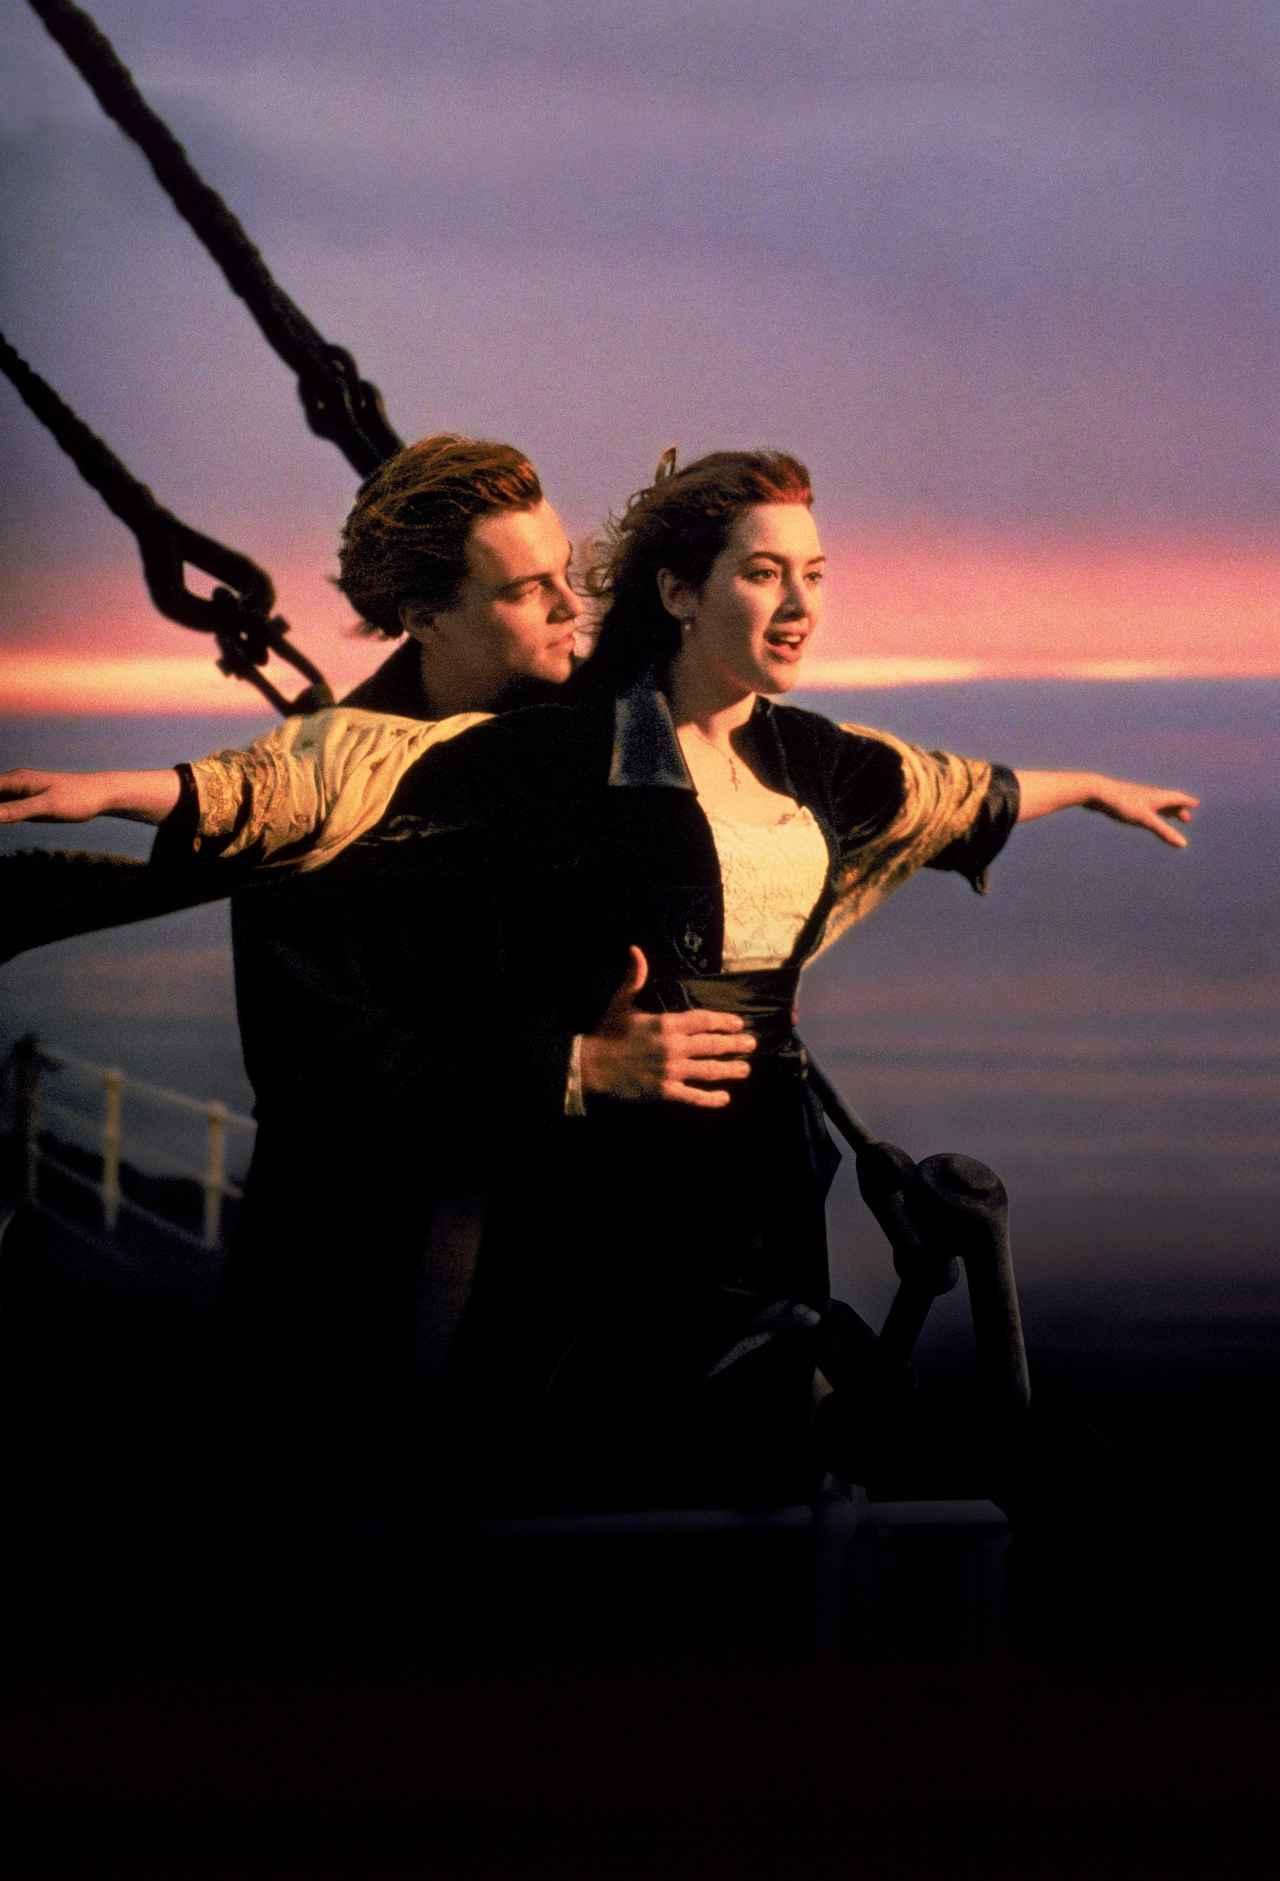 画像: 『タイタニック』(1997年)